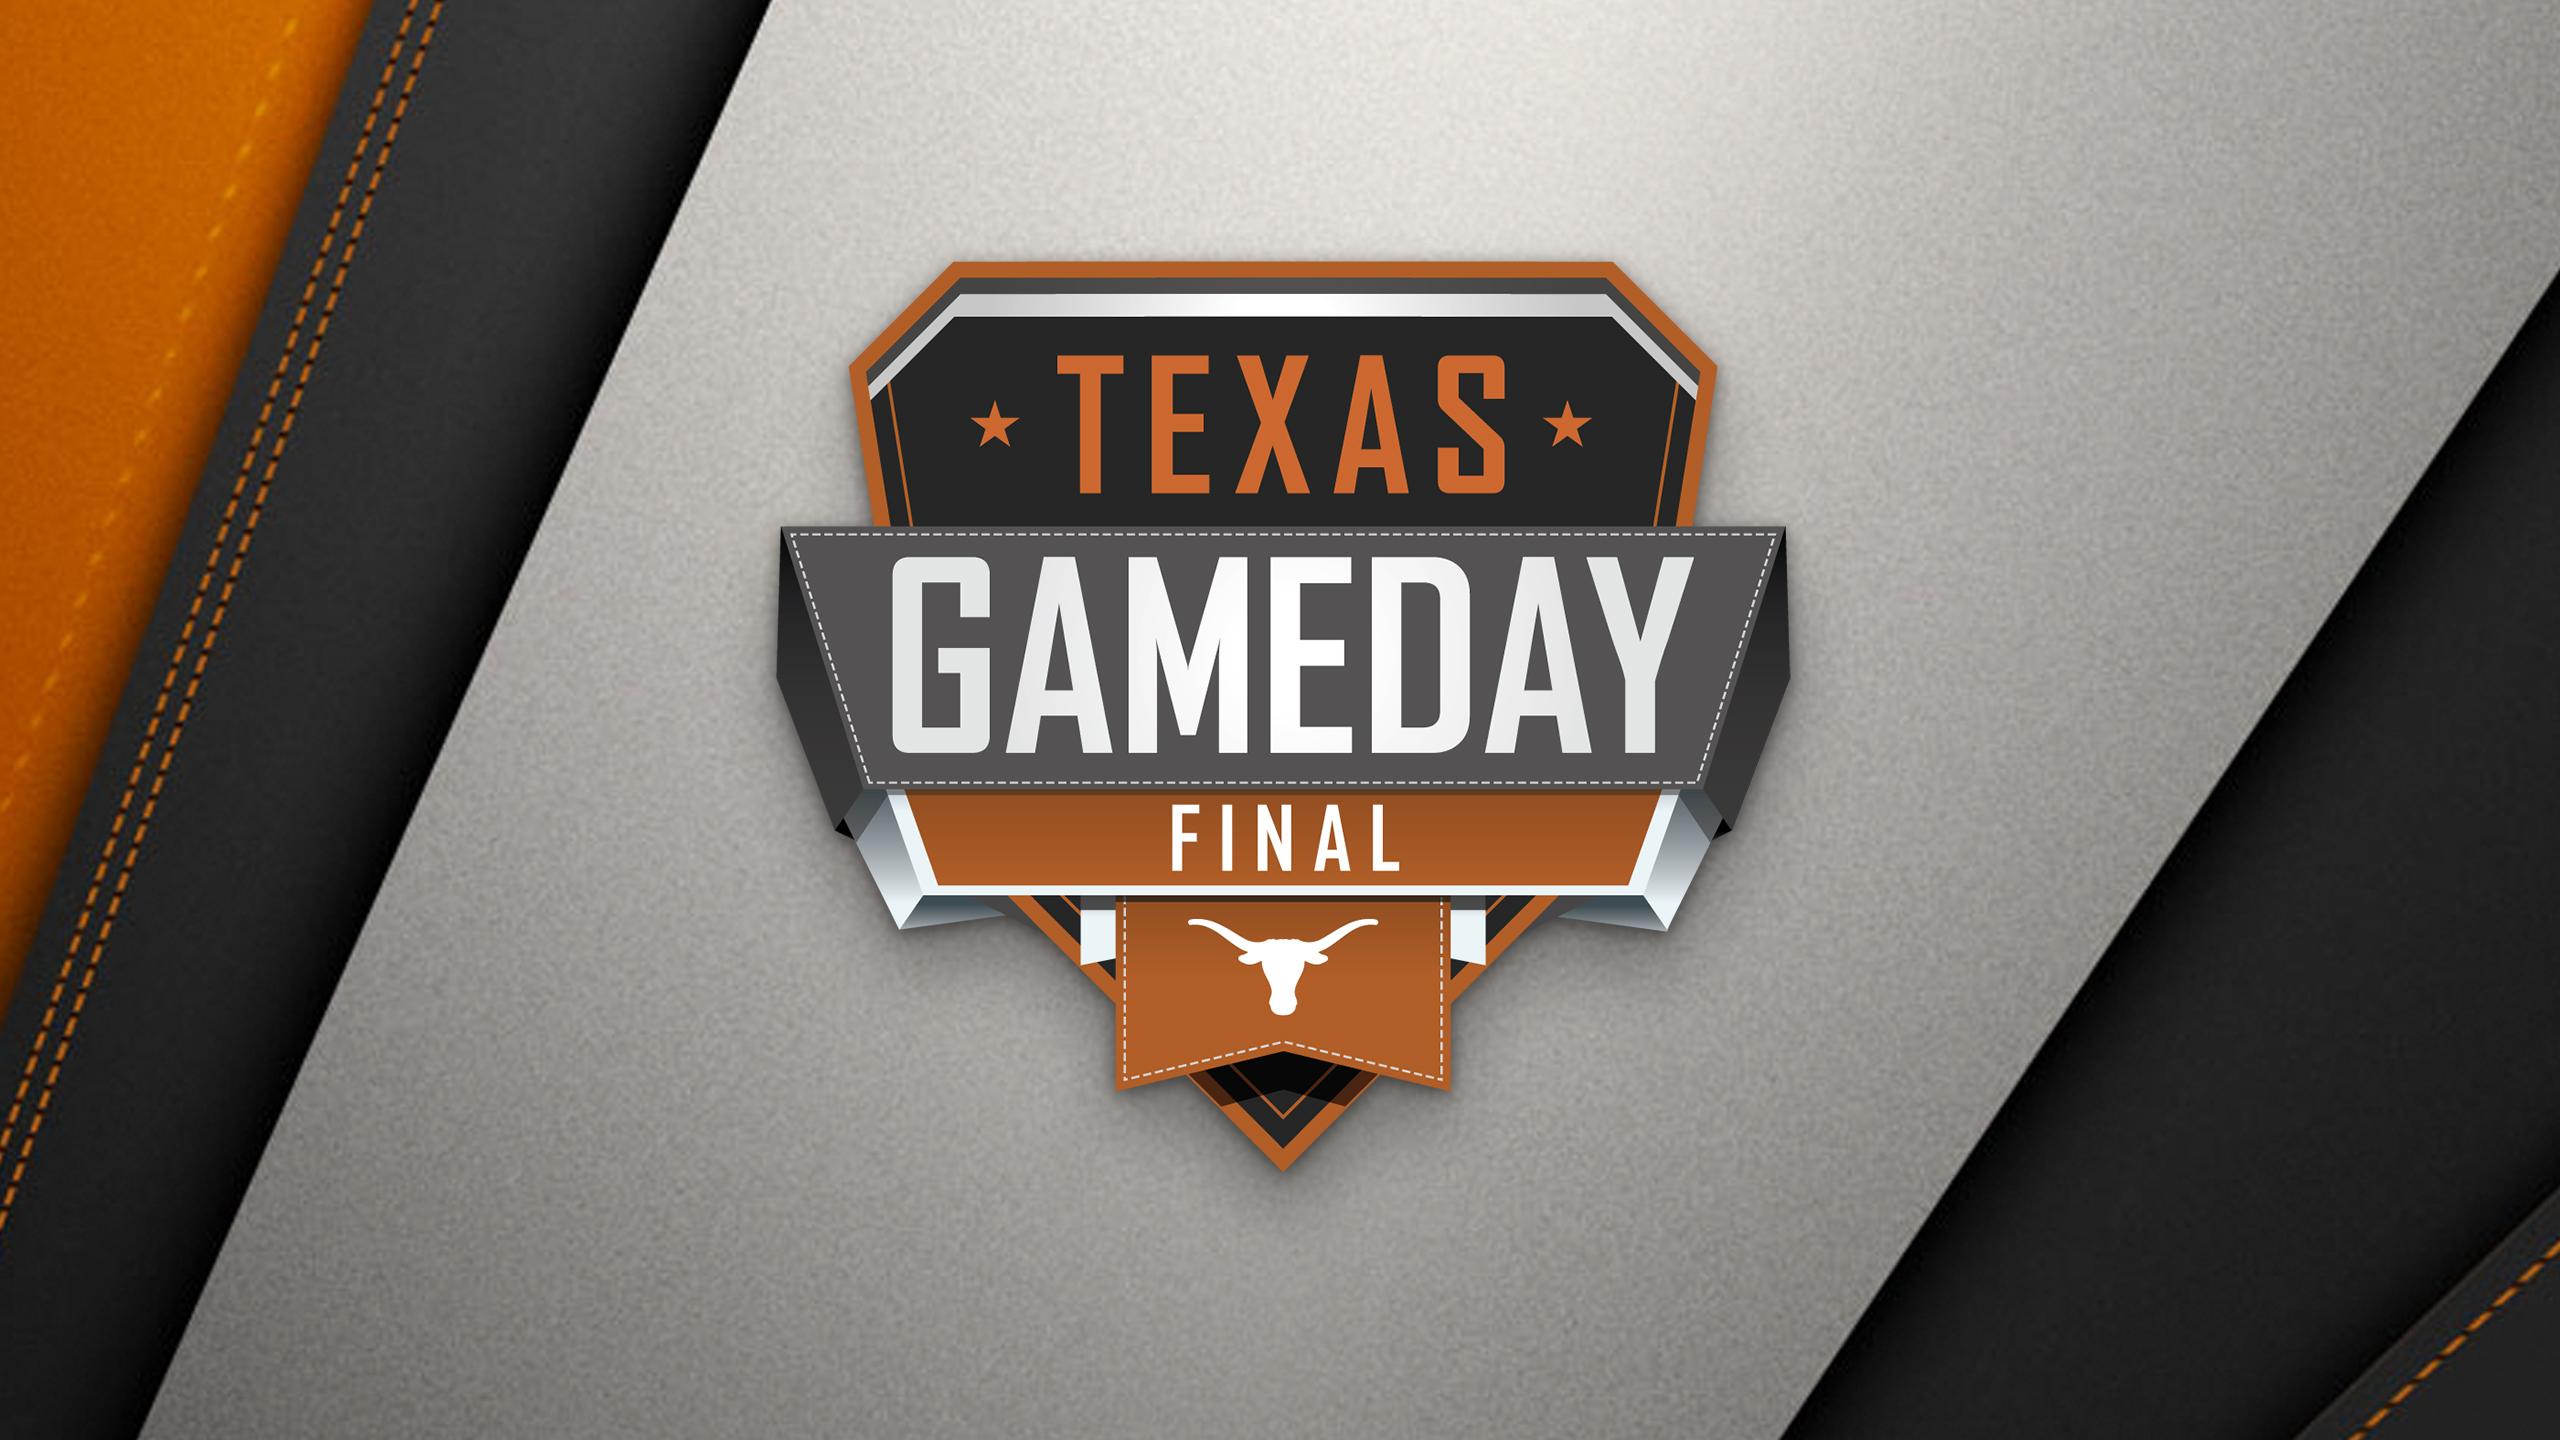 Texas GameDay Final